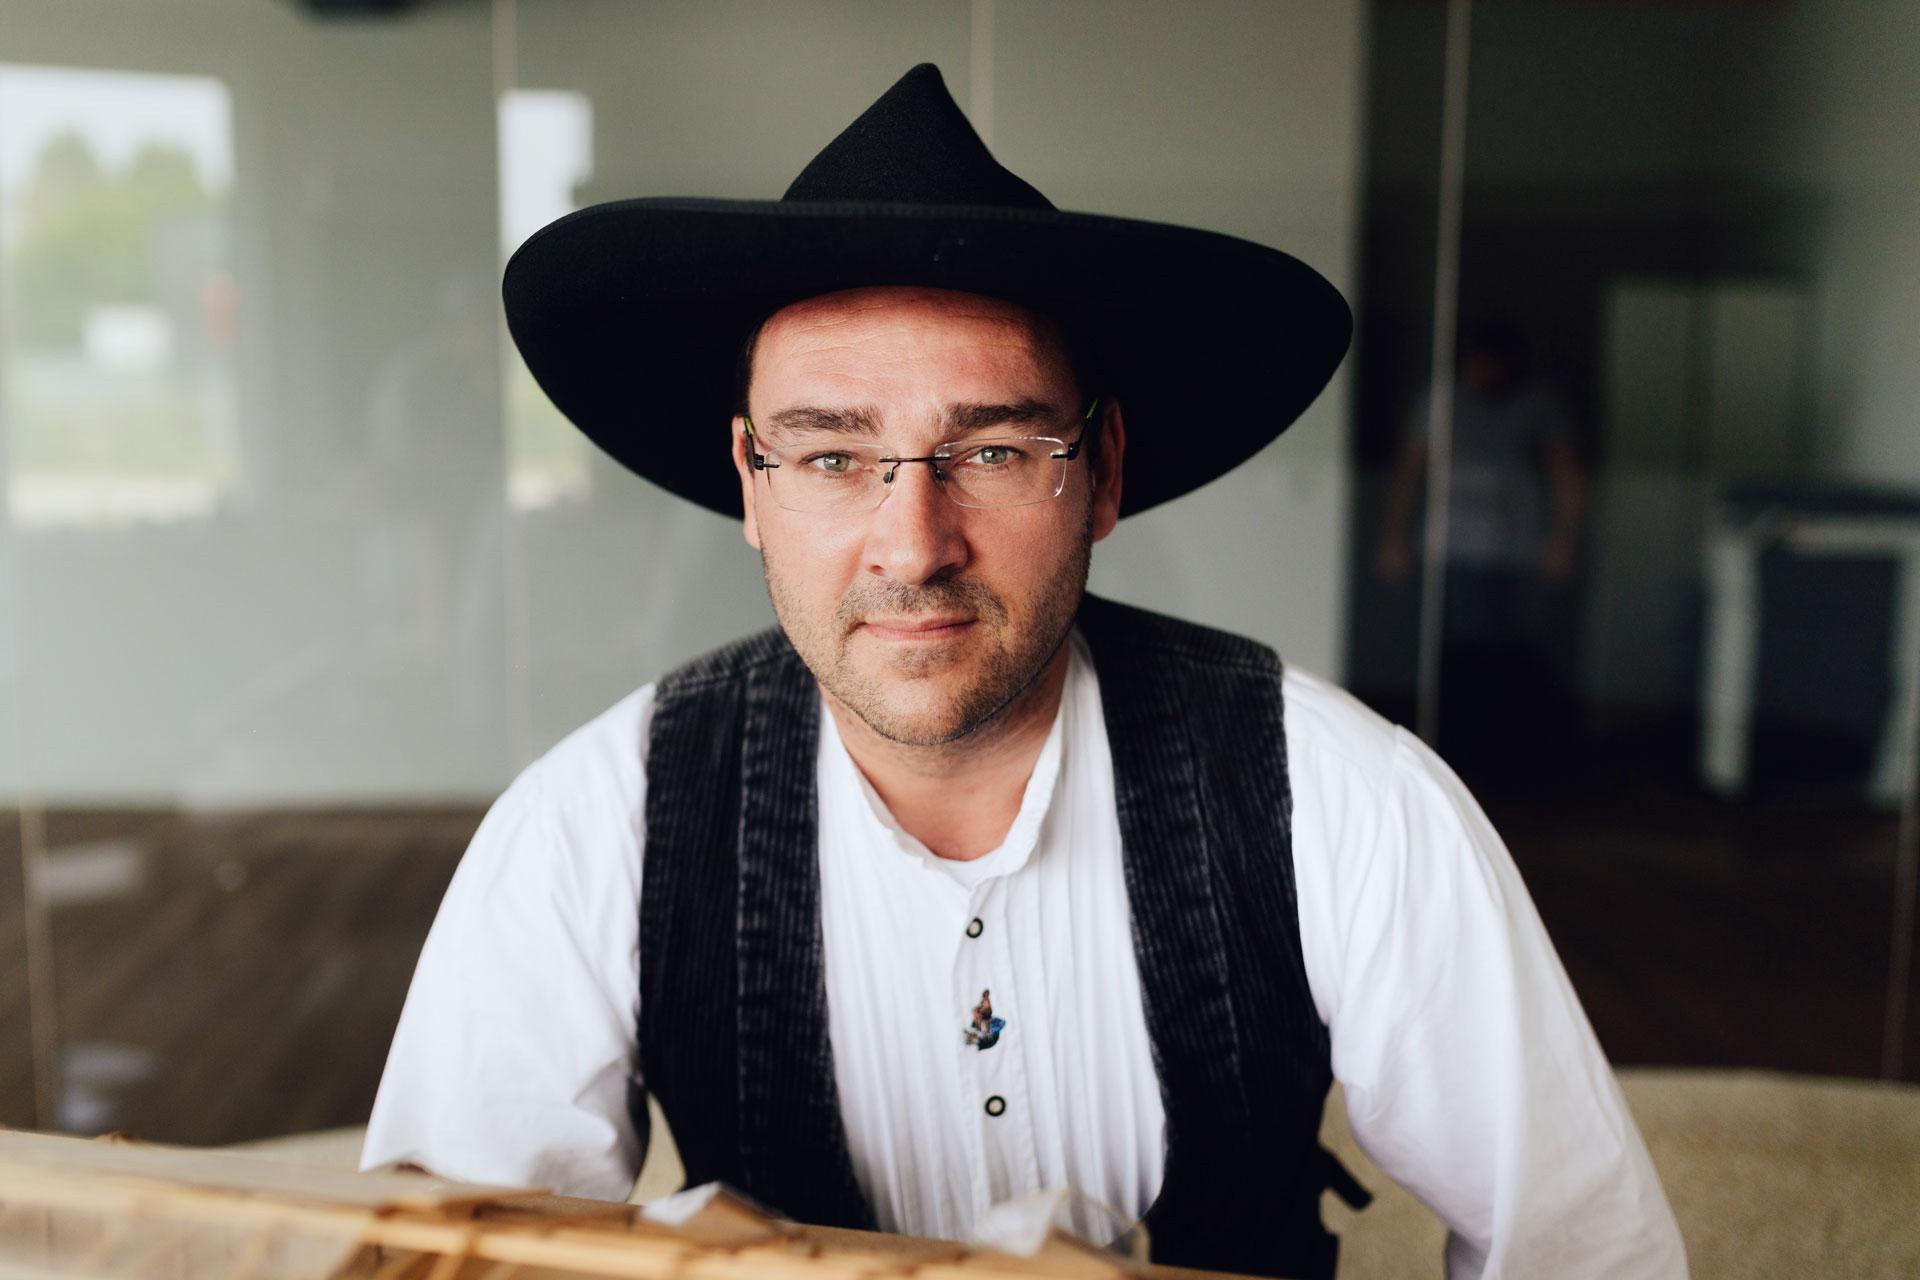 Marco Krentz in Zunftkleidung